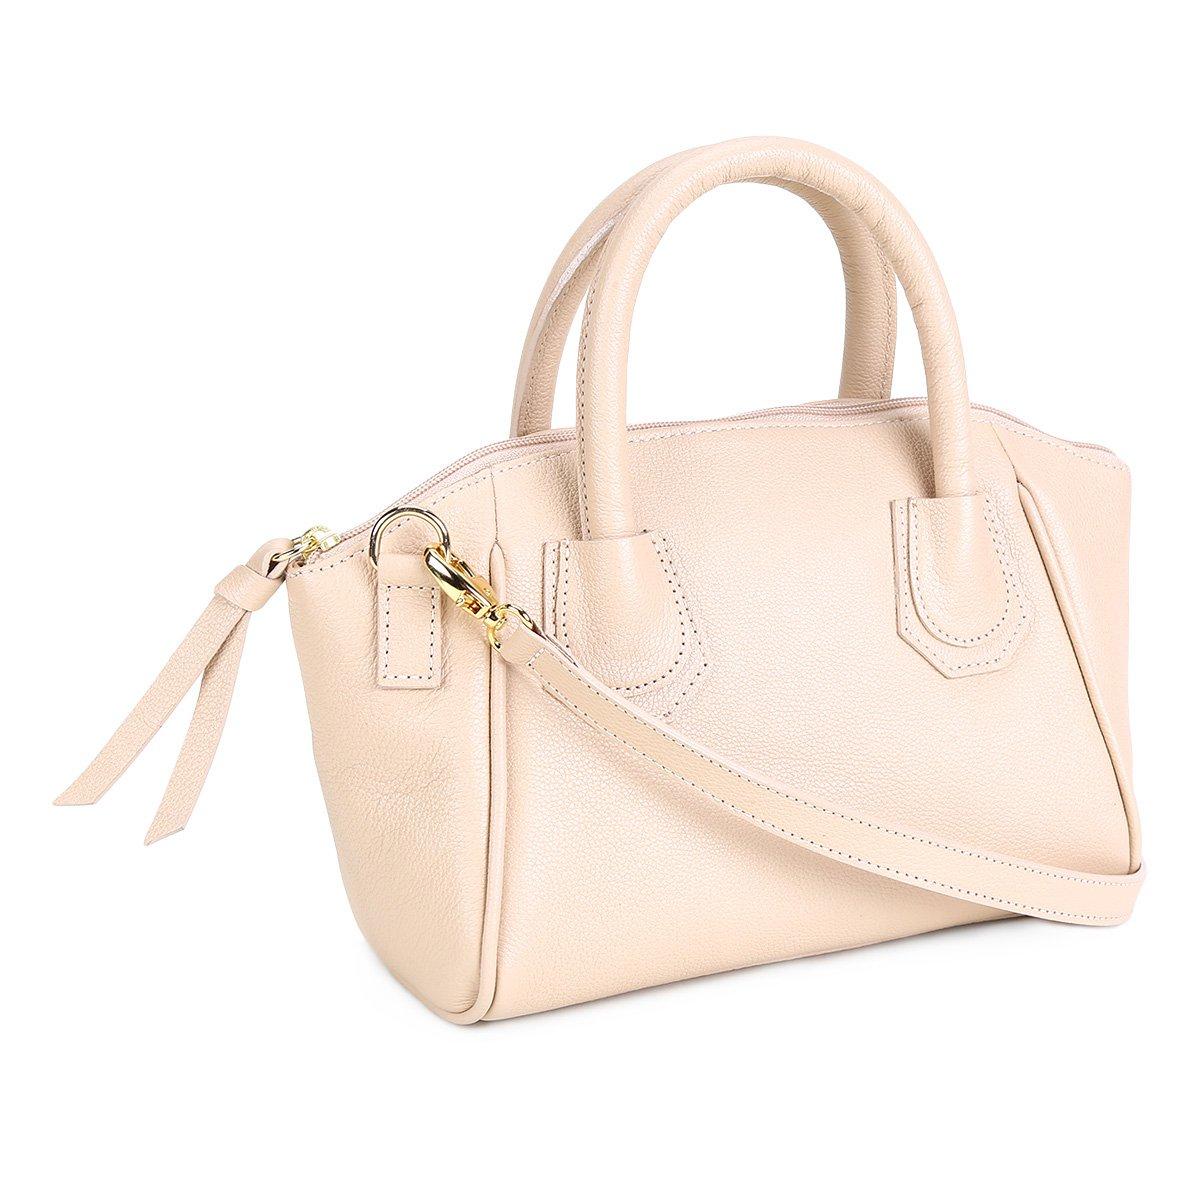 edea7ff2c Bolsa Couro Shoestock Mini Bag Clássica Tiracolo Feminina | Livelo -Sua  Vida com Mais Recompensas